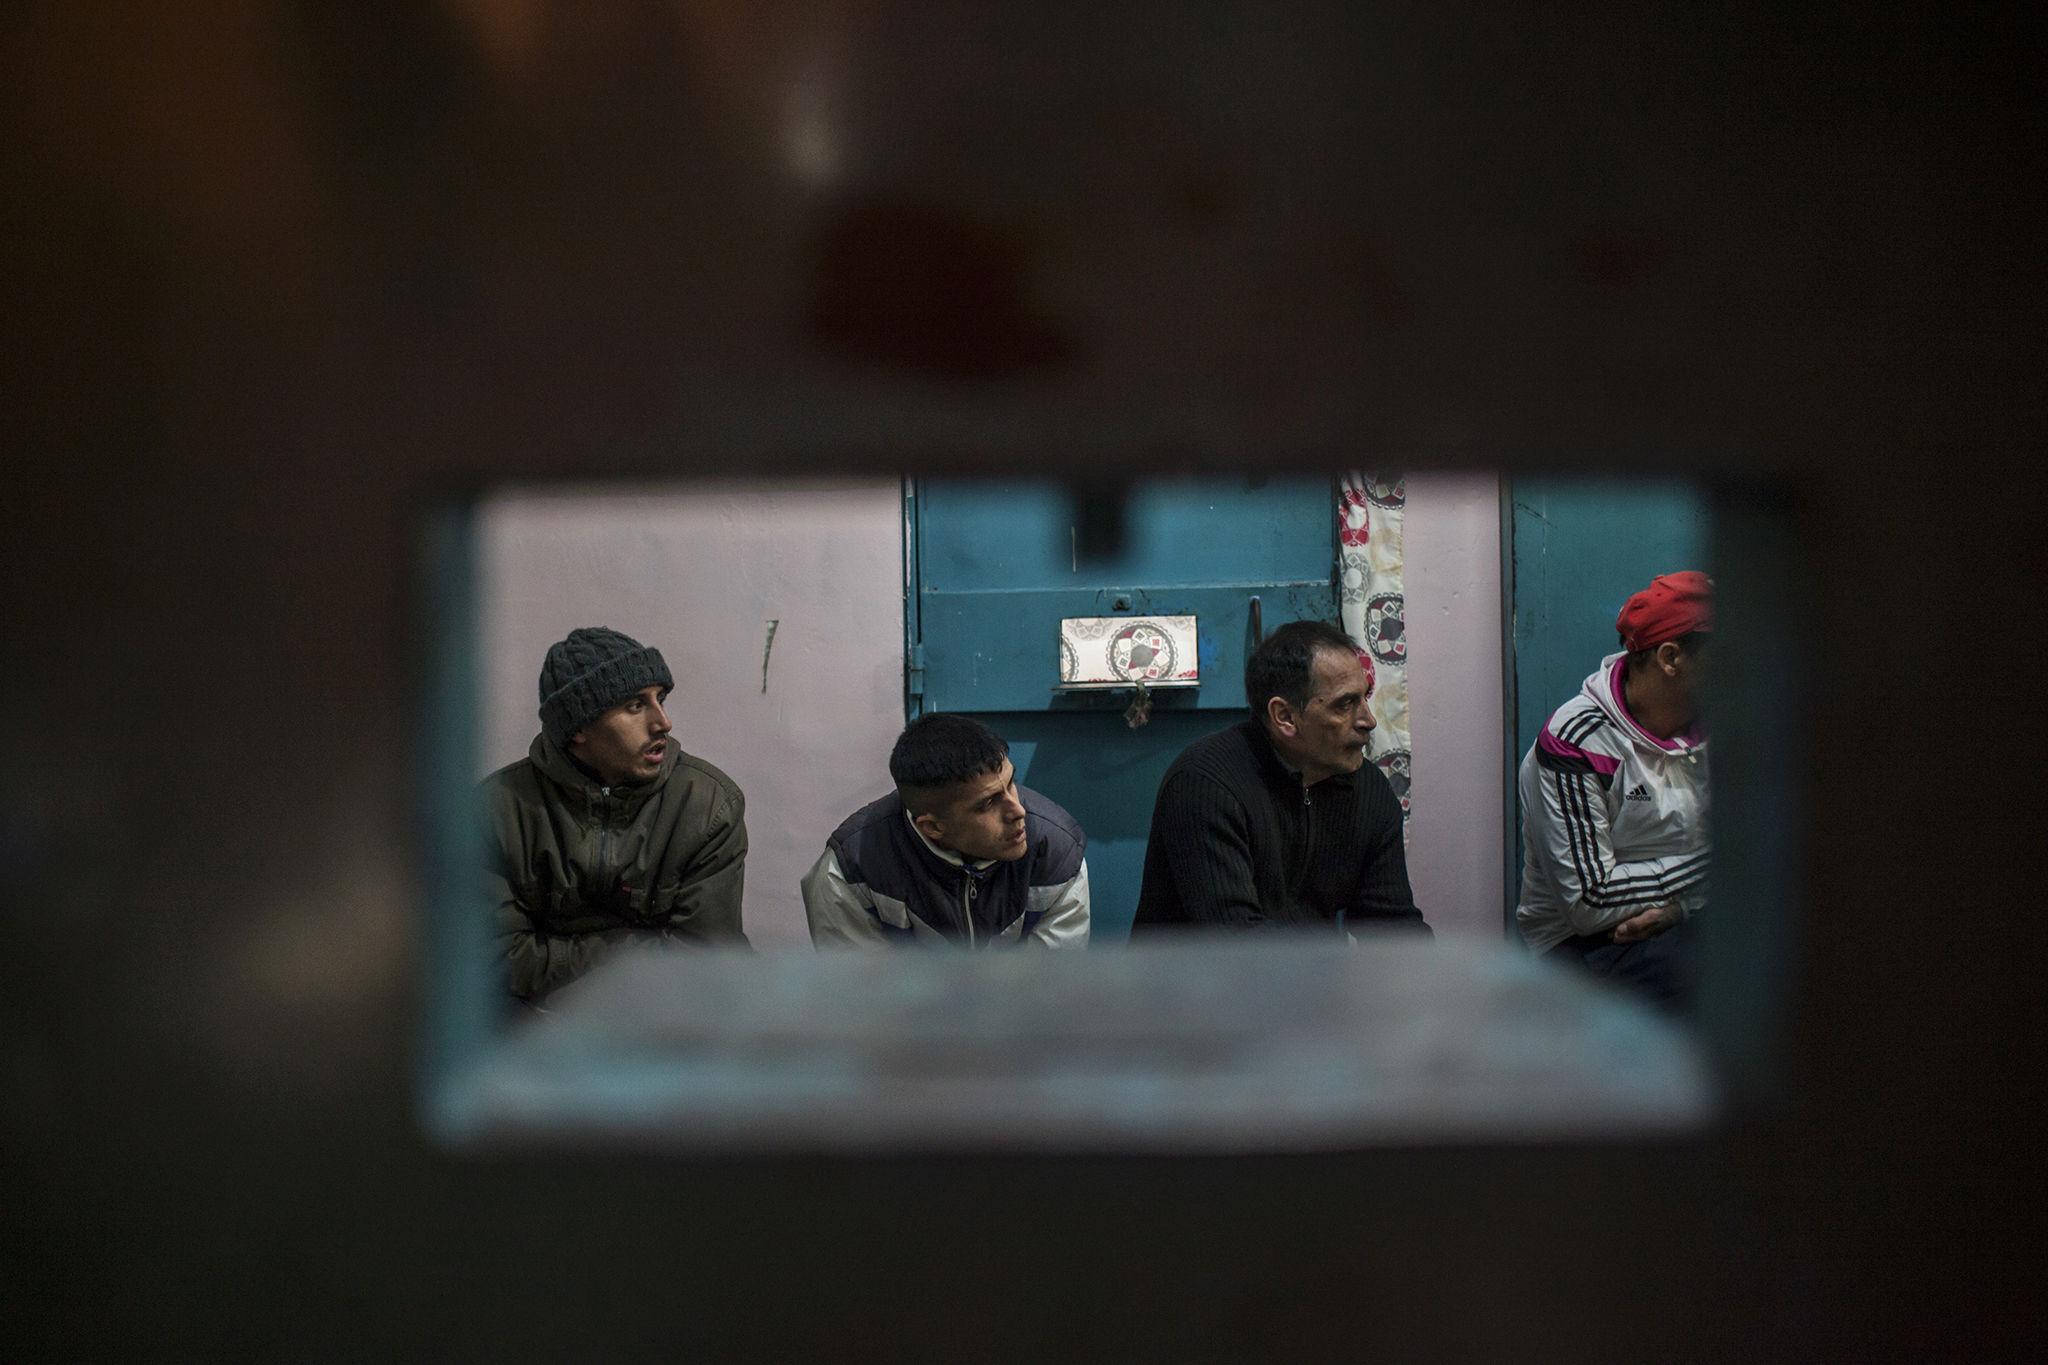 La posibilidad de morir asesinado es 8 veces mayor dentro de las cárceles bonaerenses que fuera de ellas